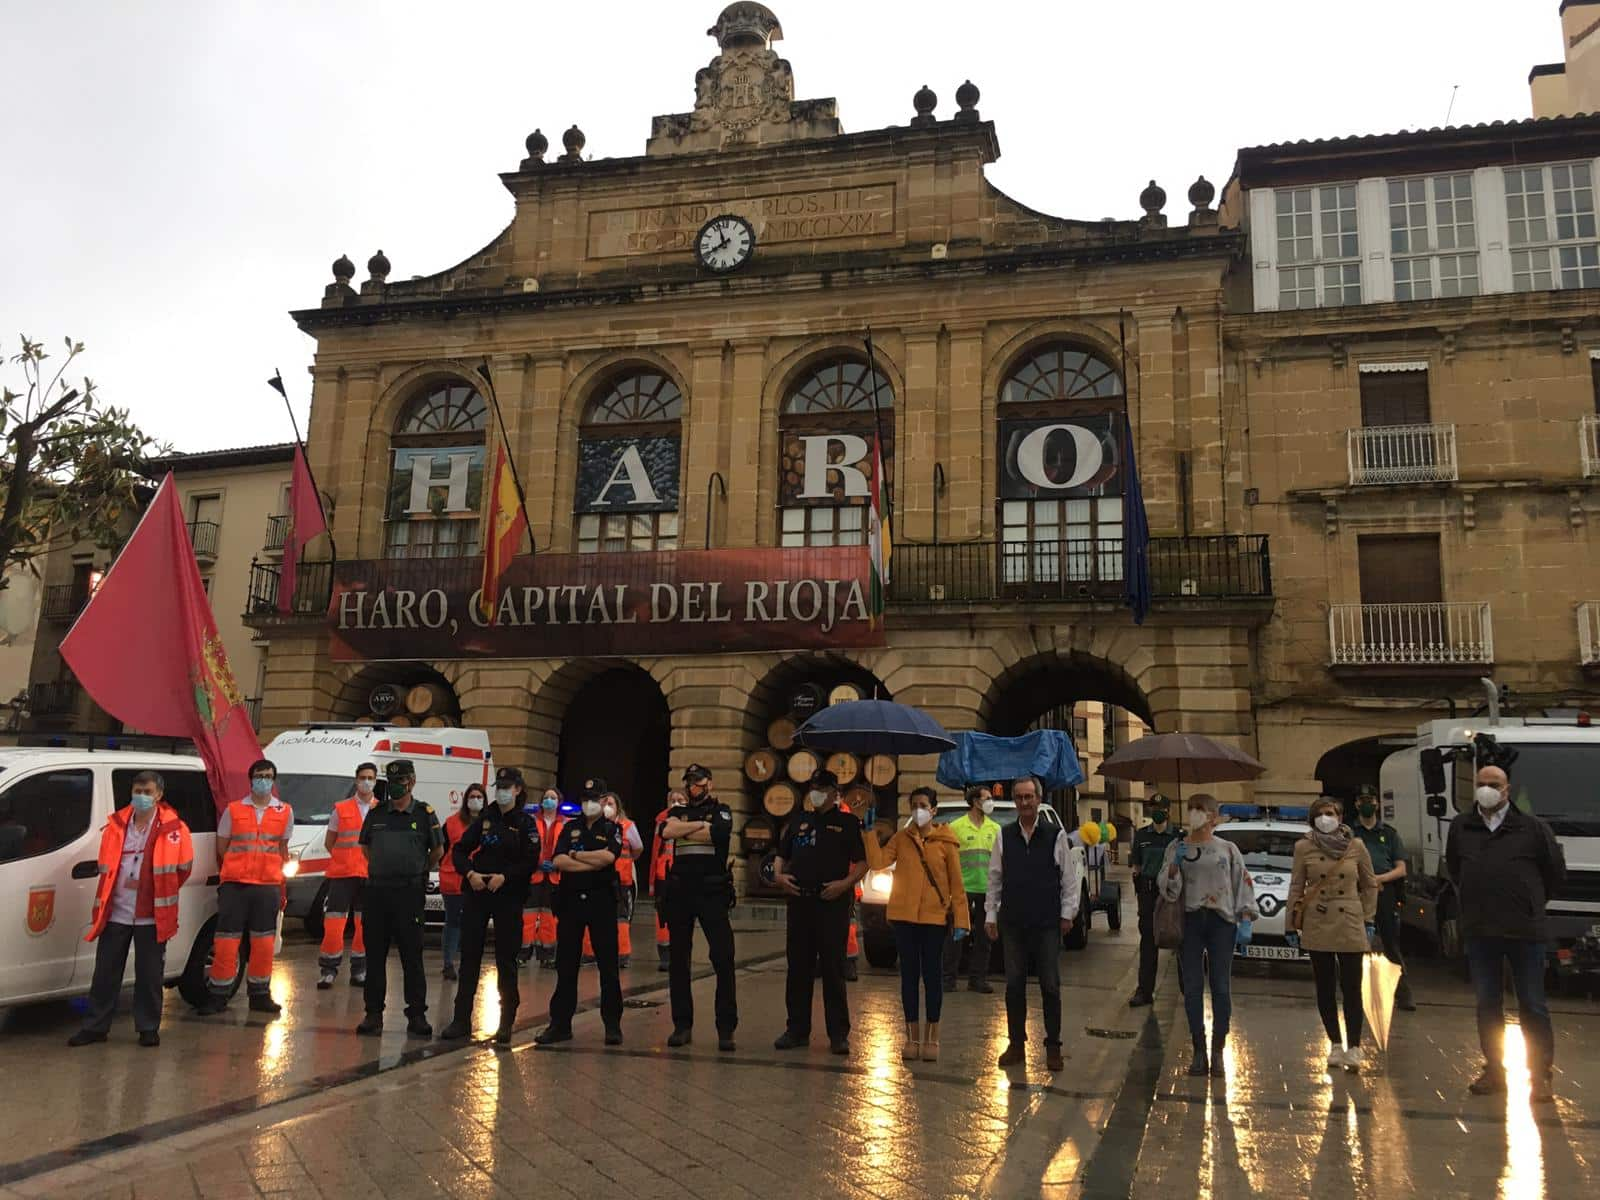 FOTOS: Haro homenajea a los héroes del coronavirus con una 'caravana solidaria' 1